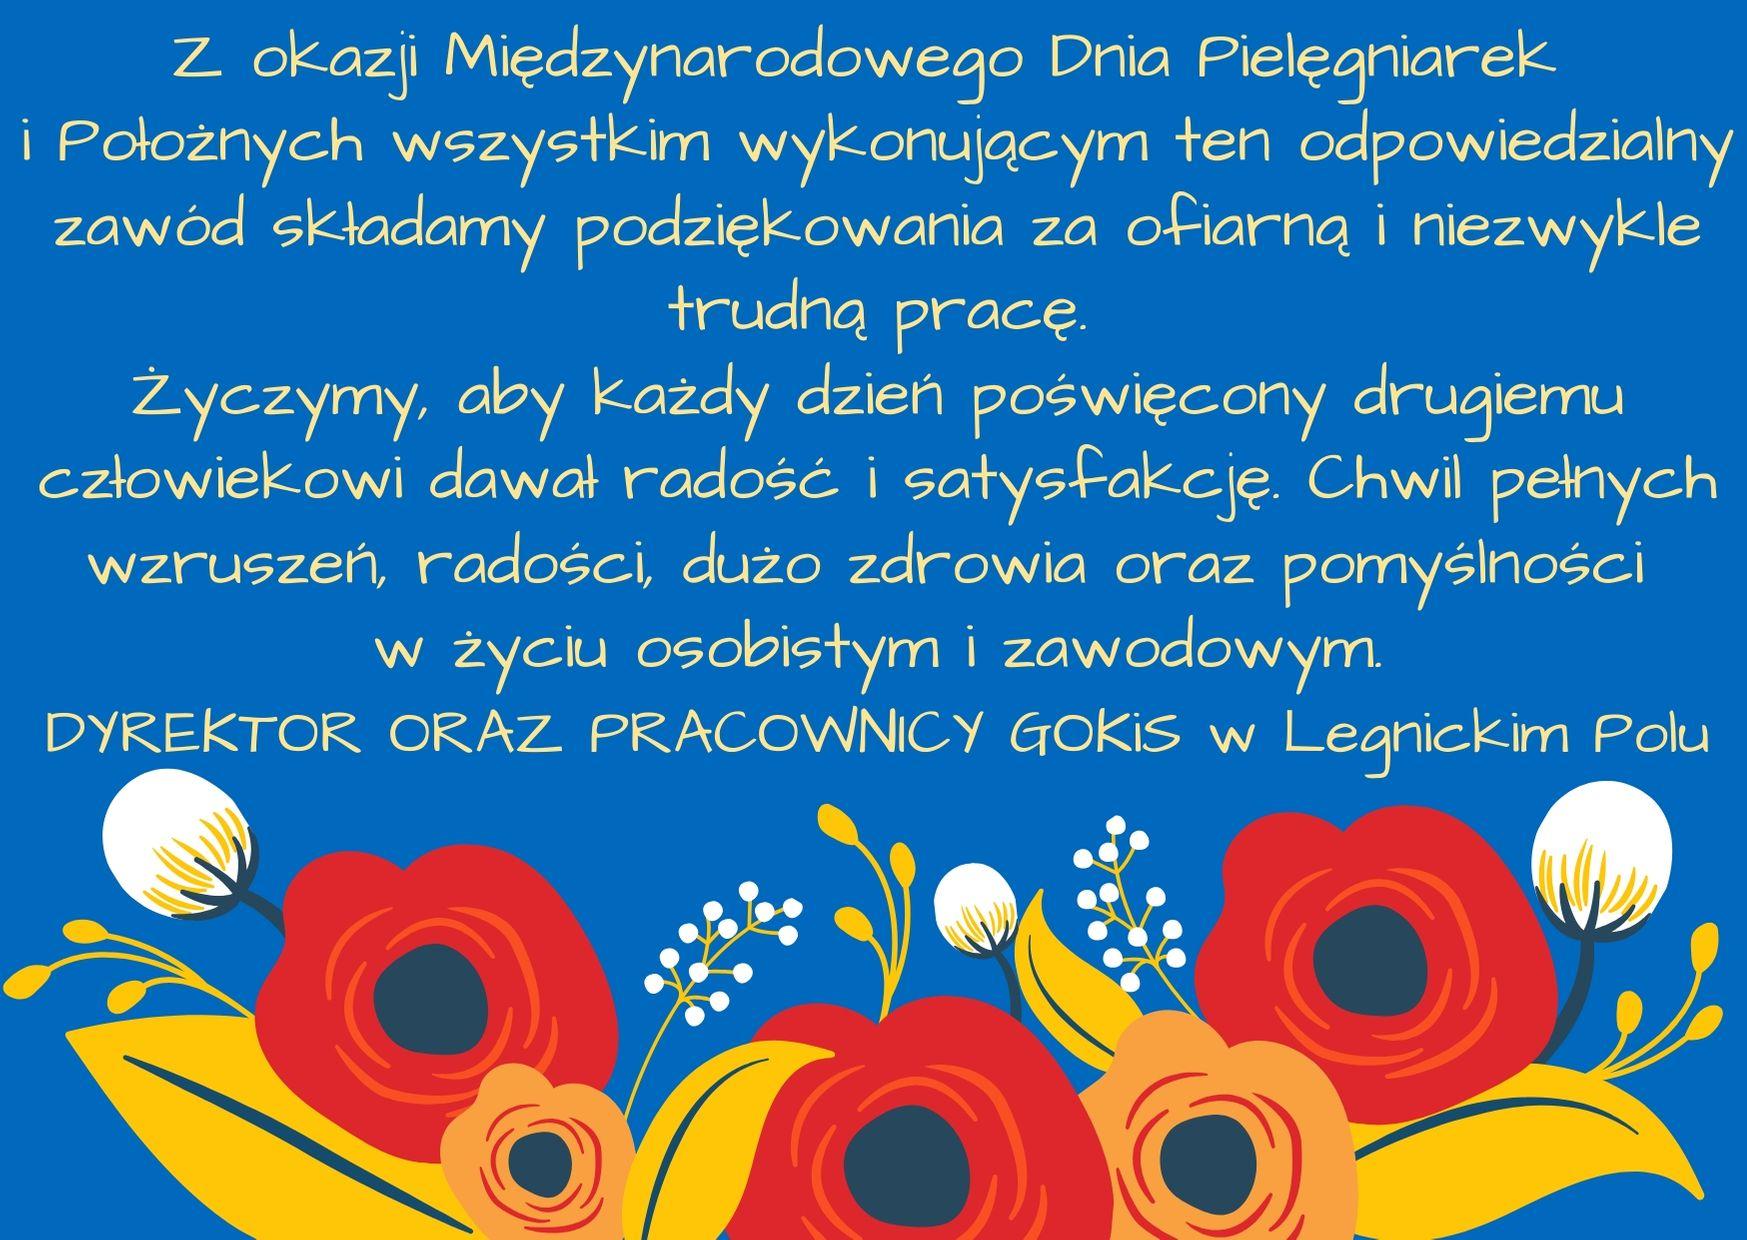 Najlepsze życzenia z okazji Międzynarodowego Dnia Pielęgniarek i Położnych